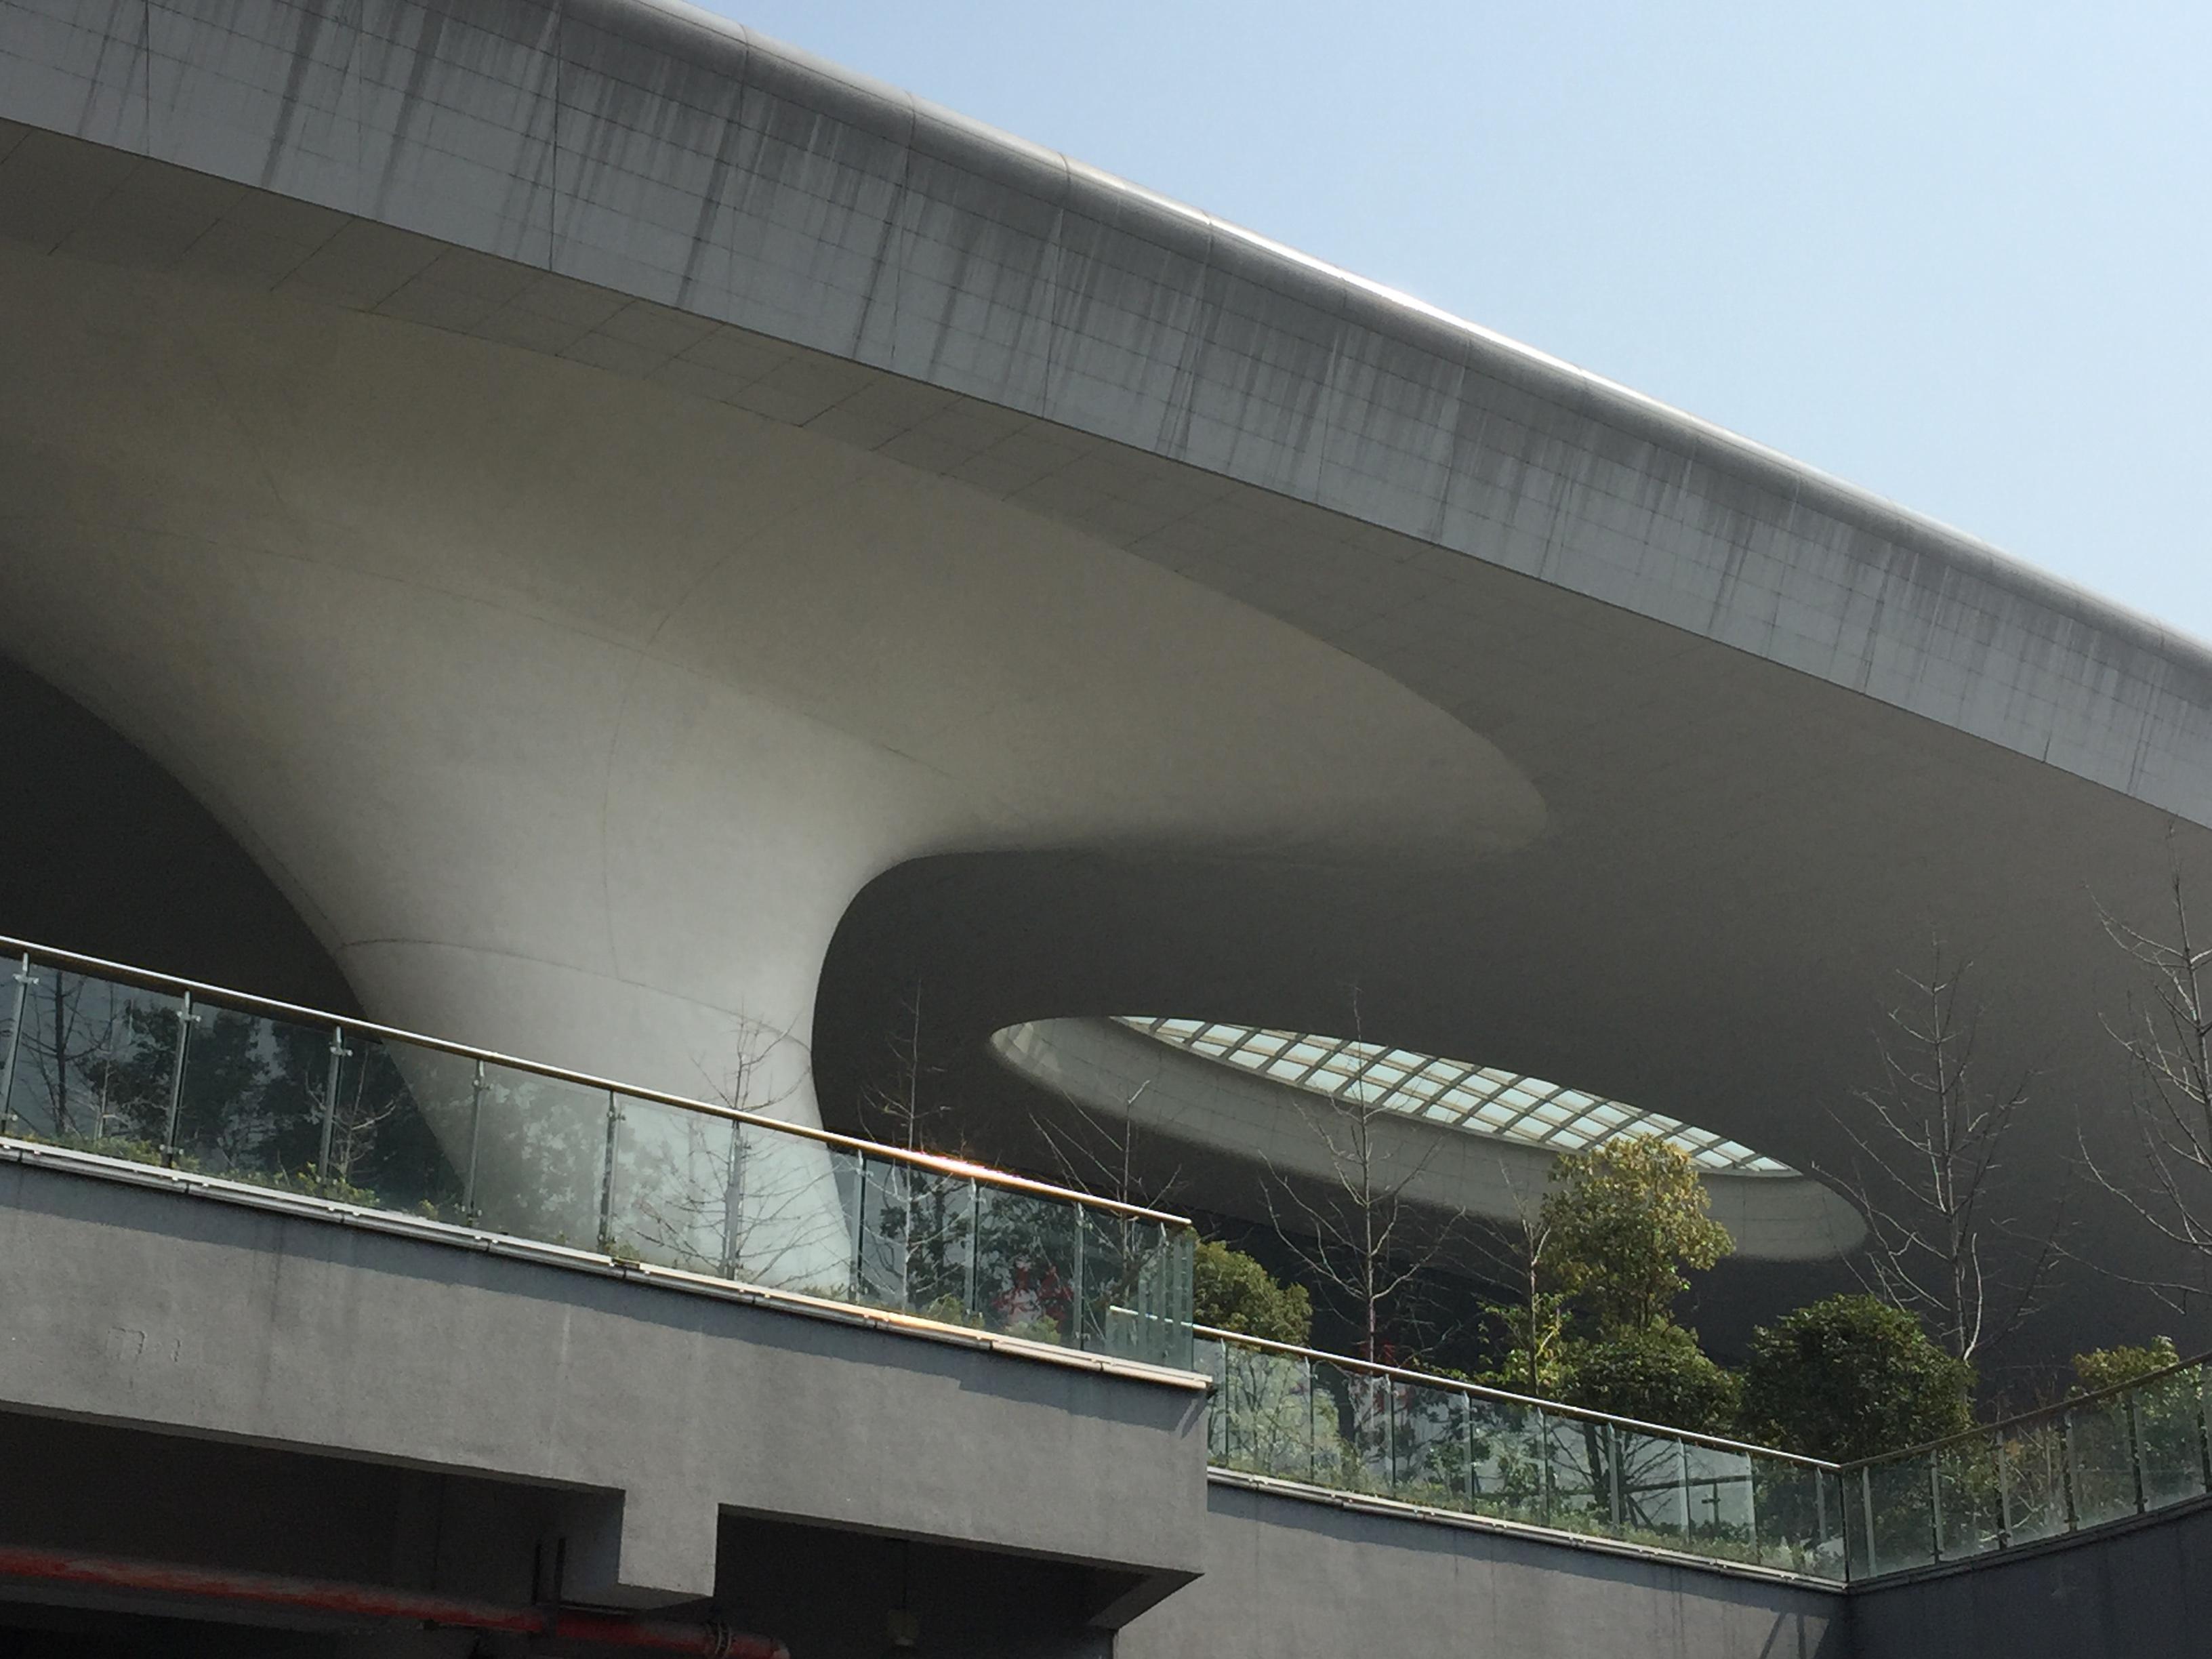 Hangzhou's Railway Station